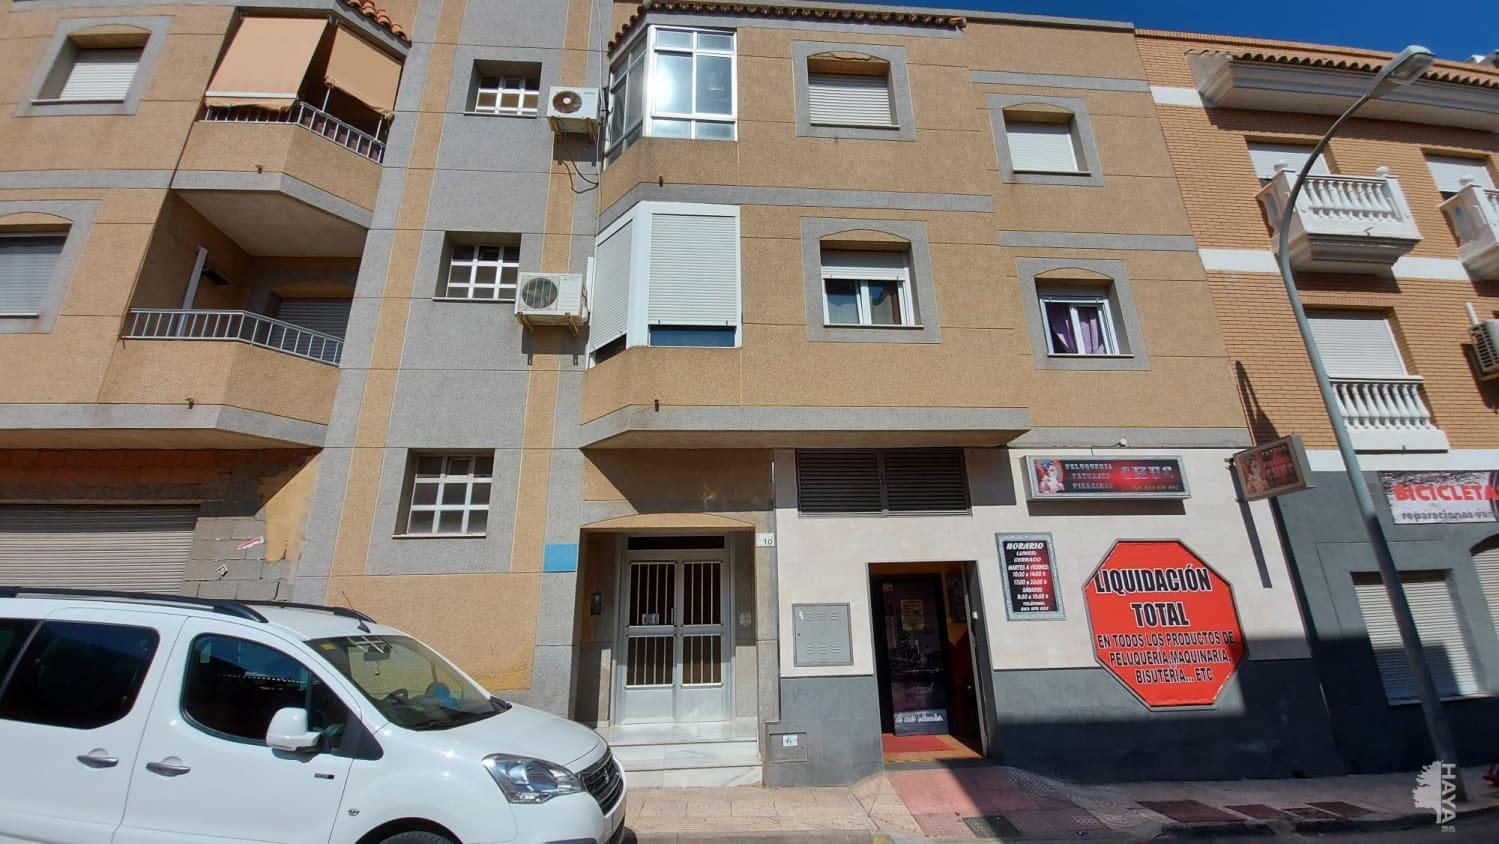 Piso en venta en Venta de Gutiérrez, Vícar, Almería, Calle Leon Felipe (cb), 65.000 €, 3 habitaciones, 2 baños, 134 m2